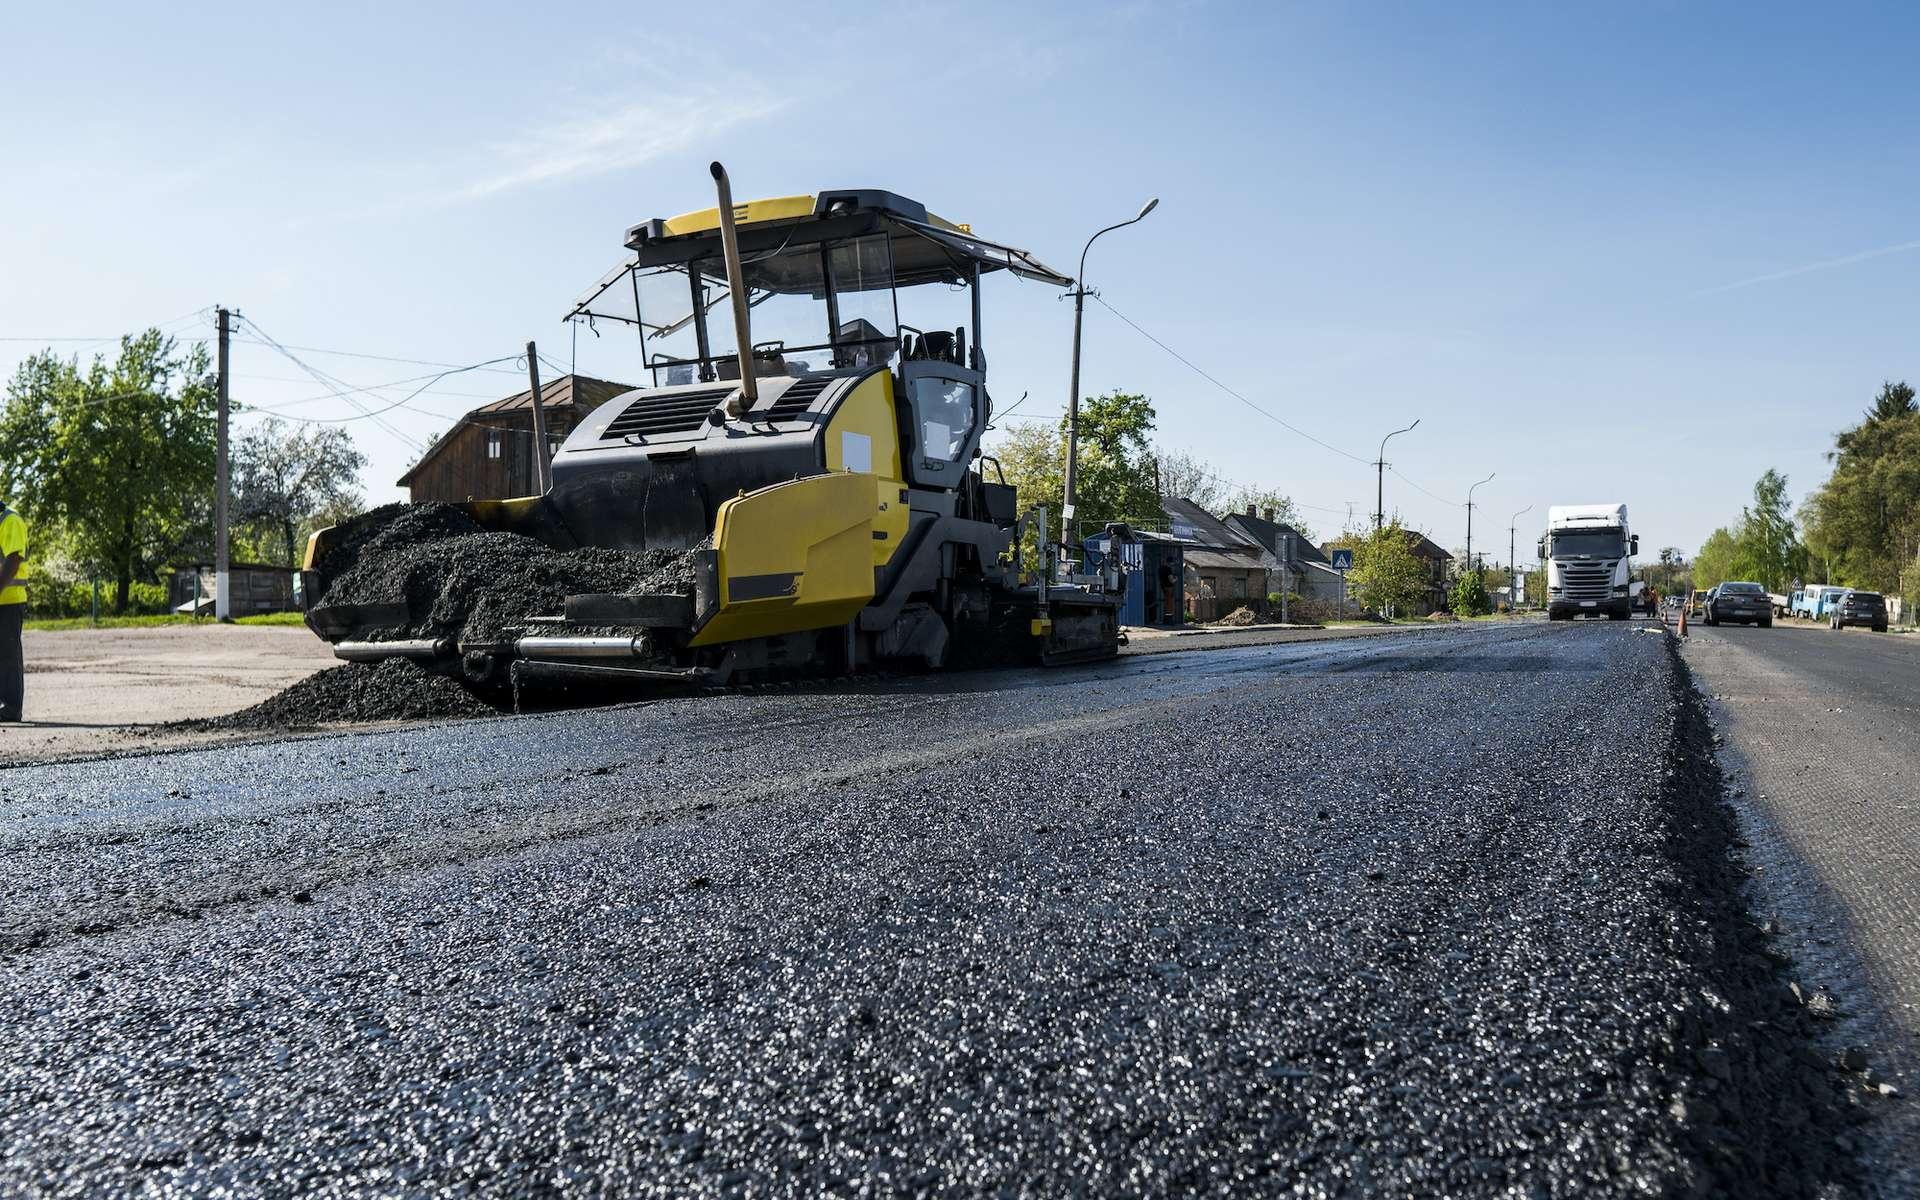 Le bitume et le goudron sont utilisés comme liant dans les enrobés routiers. © Volodymyr, Adobe Stock